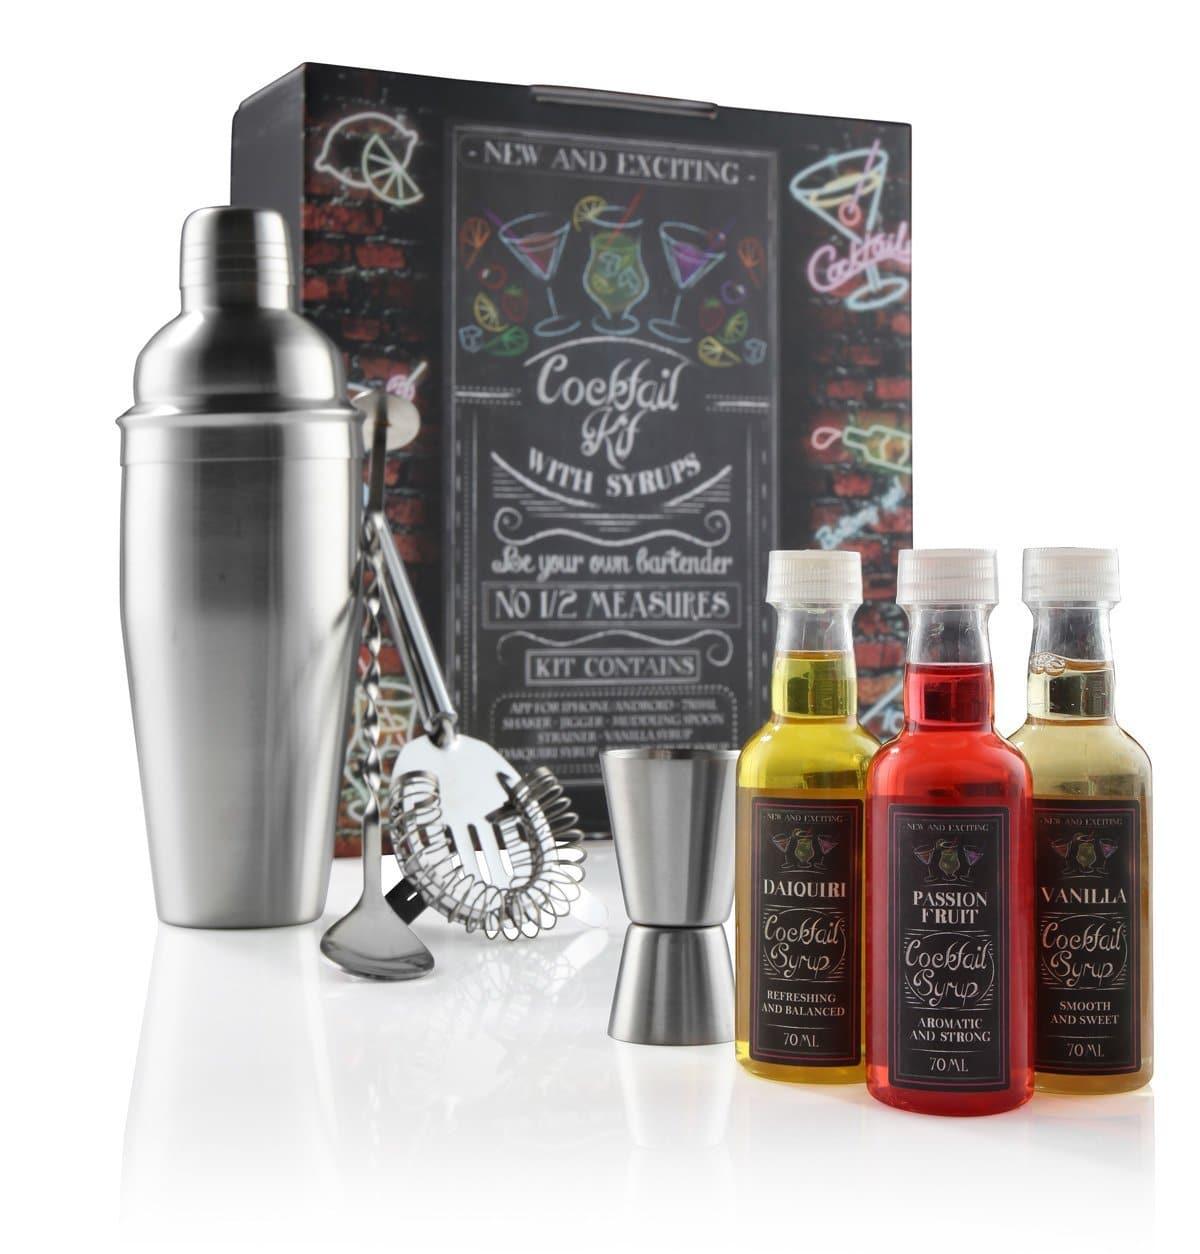 ekitch-cocktail-kit-gift-set